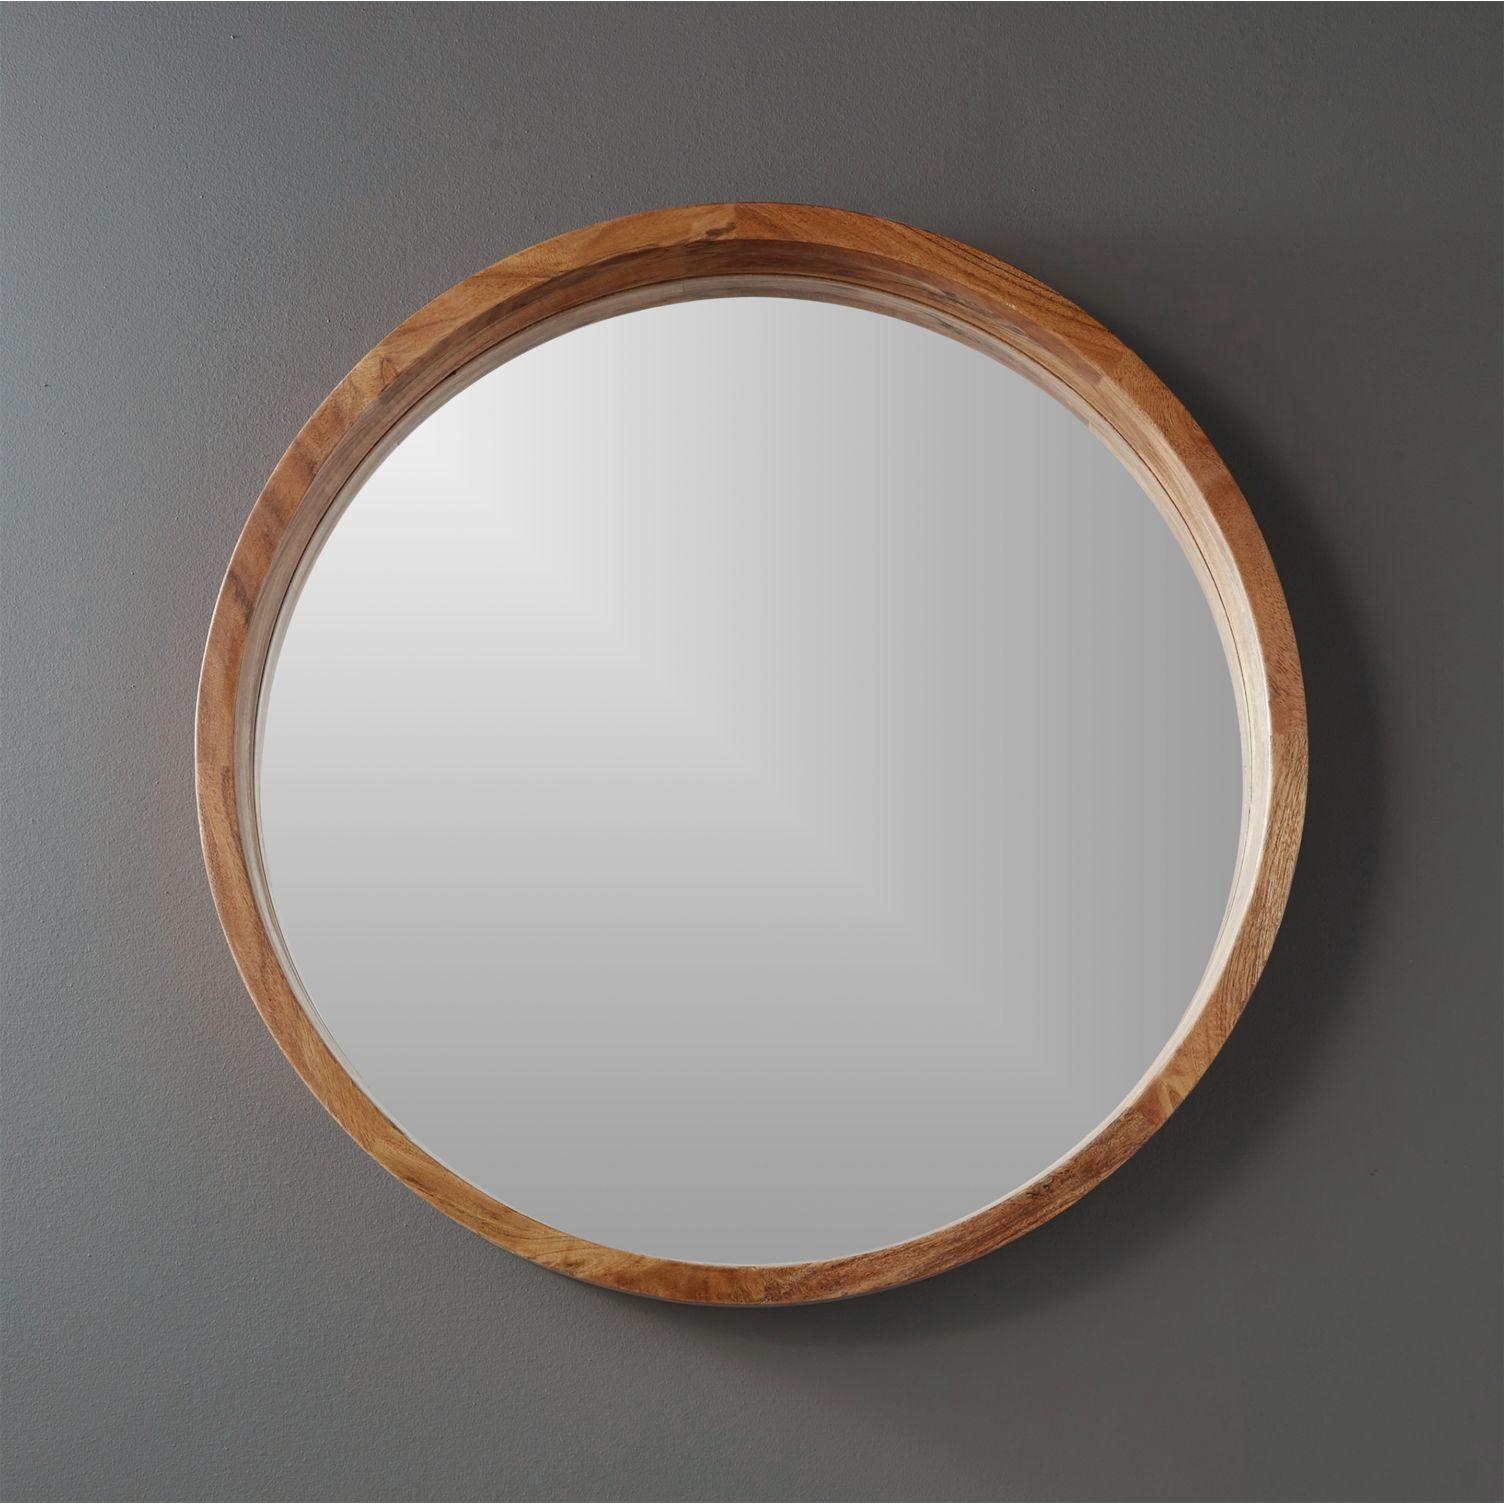 Round acacia wood wall mirror